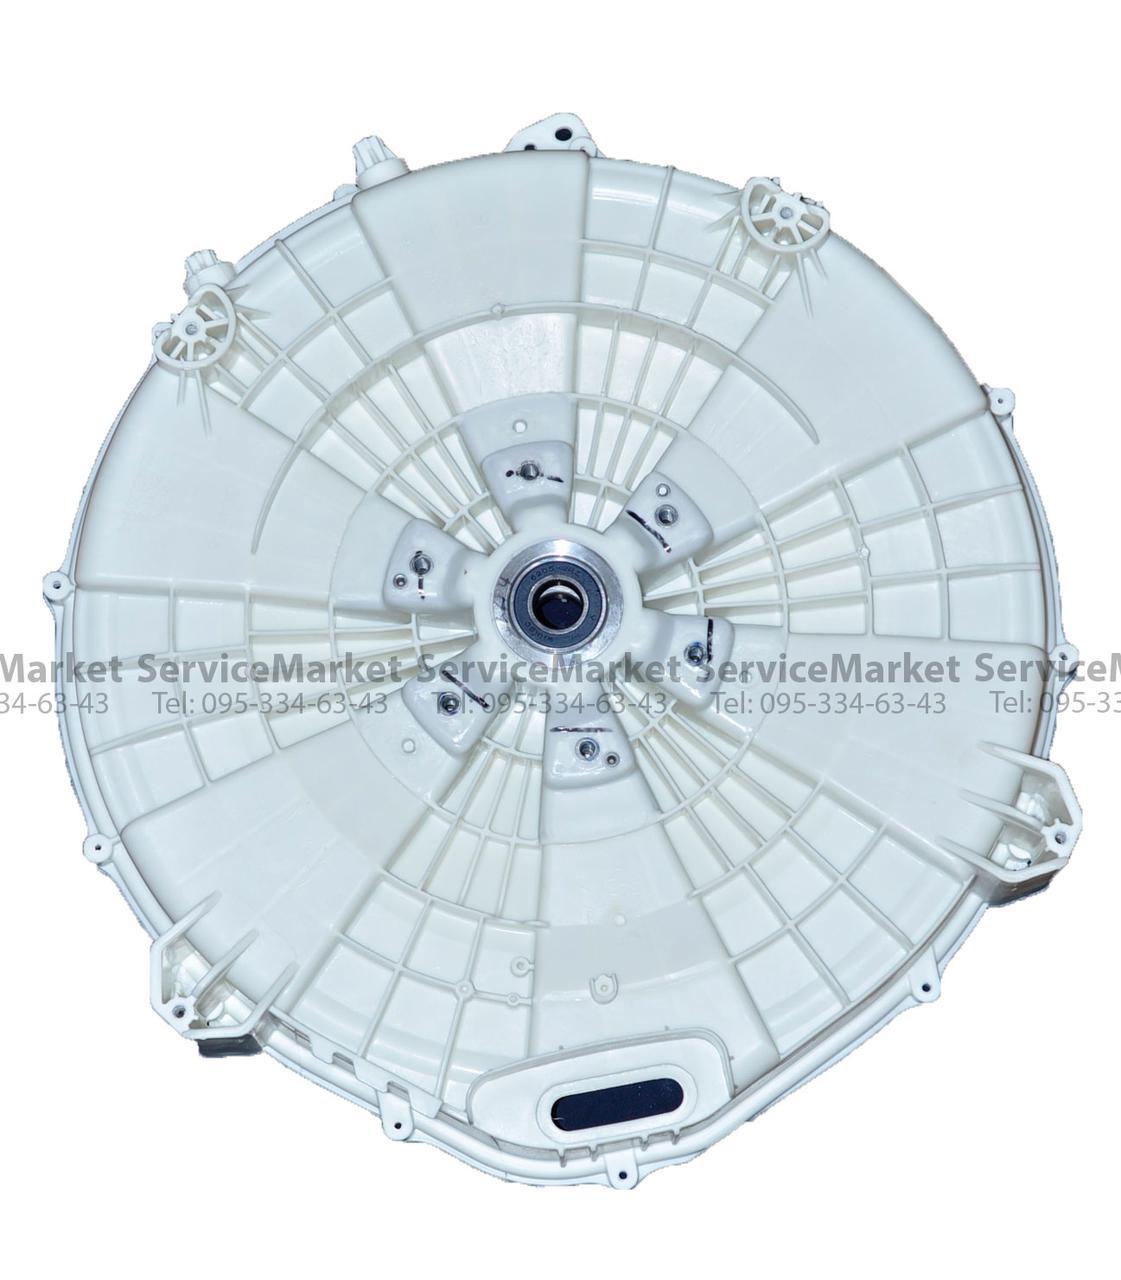 Задняя часть (крышка) бака полубак LG AJQ73993801 для стиральных машин Оригинал